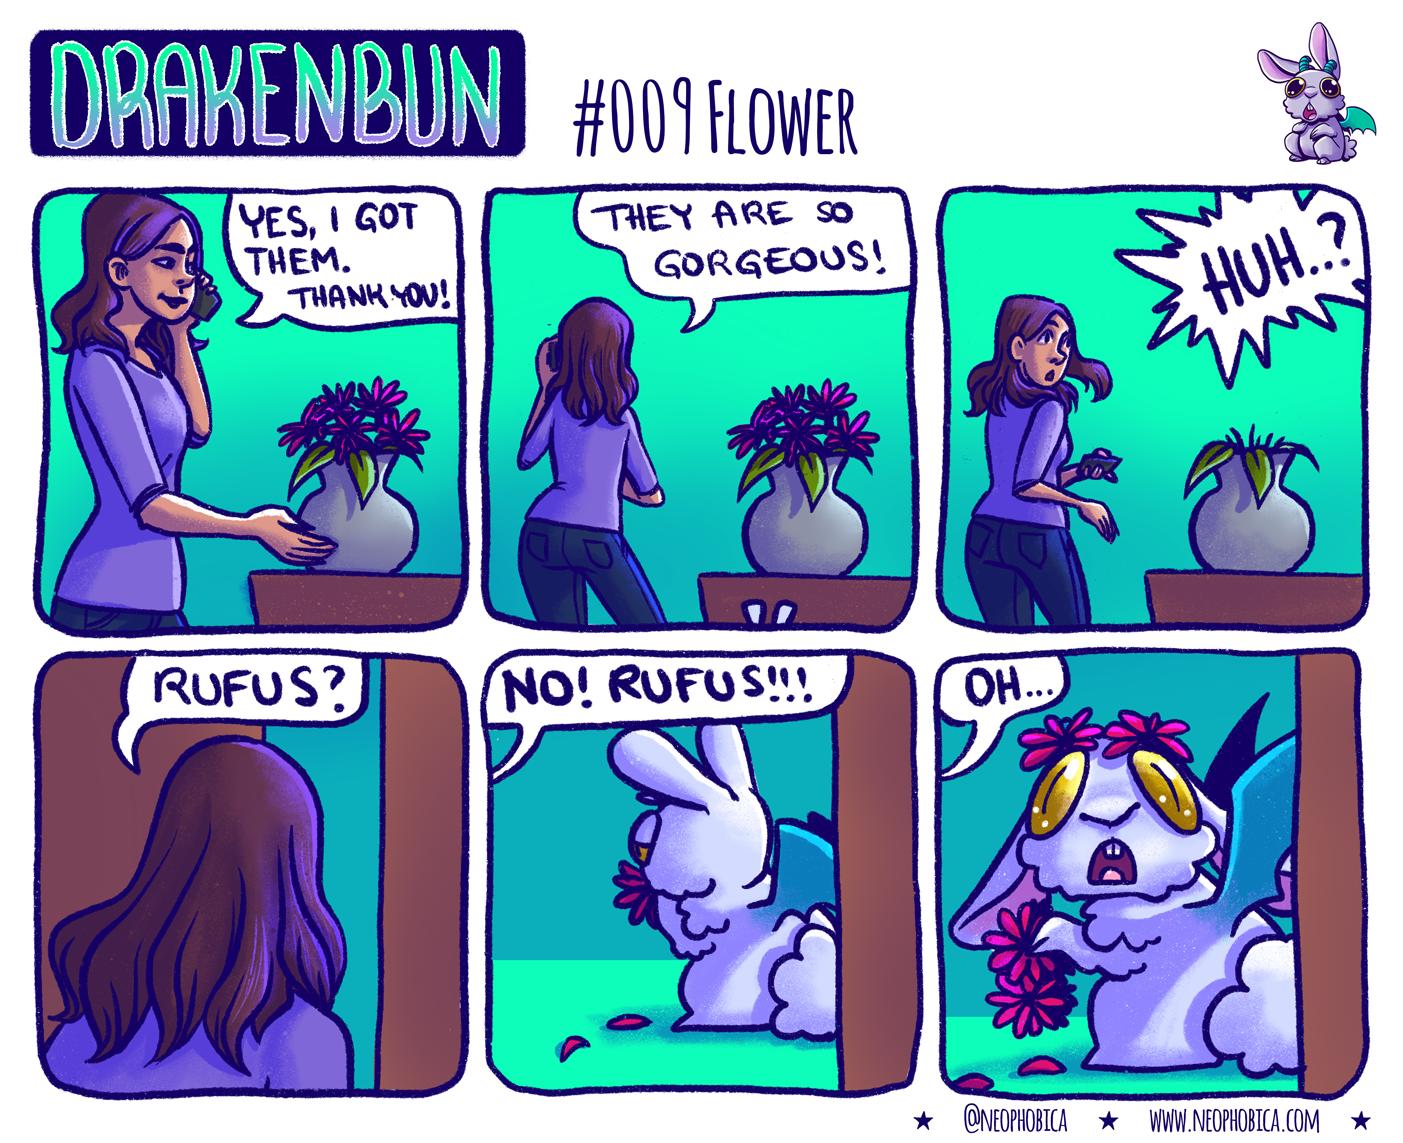 #009 Flower